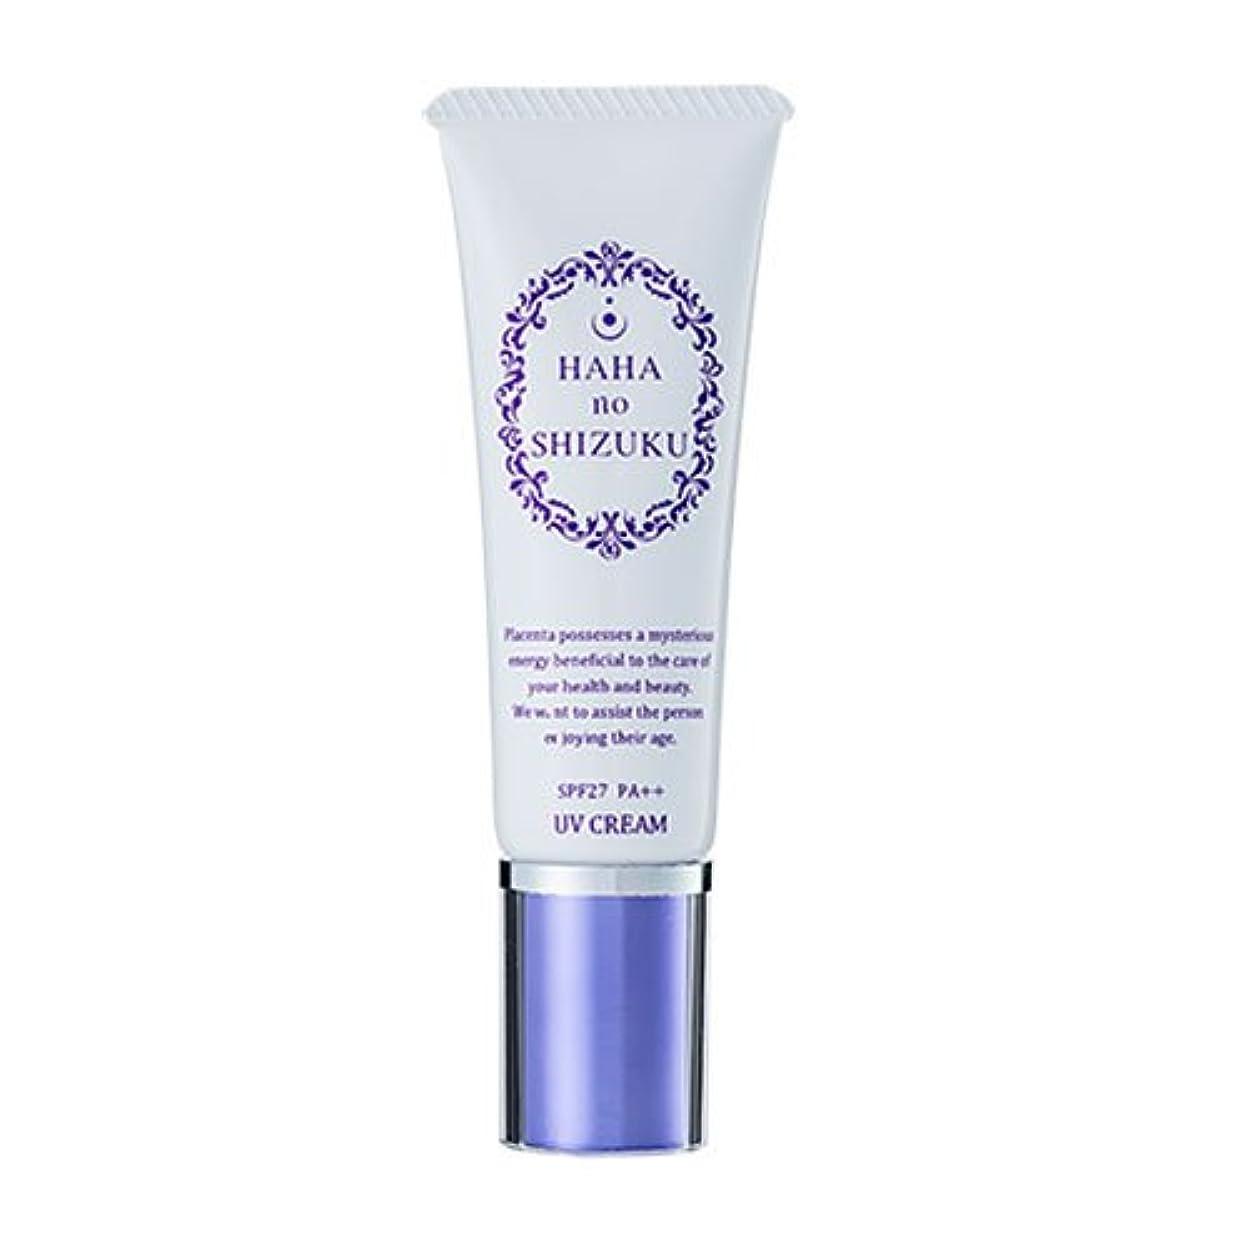 ラジカル不忠到着する母の滴 プラセンタクUVクリーム 美白効果 UVカット 敏感肌にも安心 (30g) ラセンタエキス サイタイエキス アミノ酸